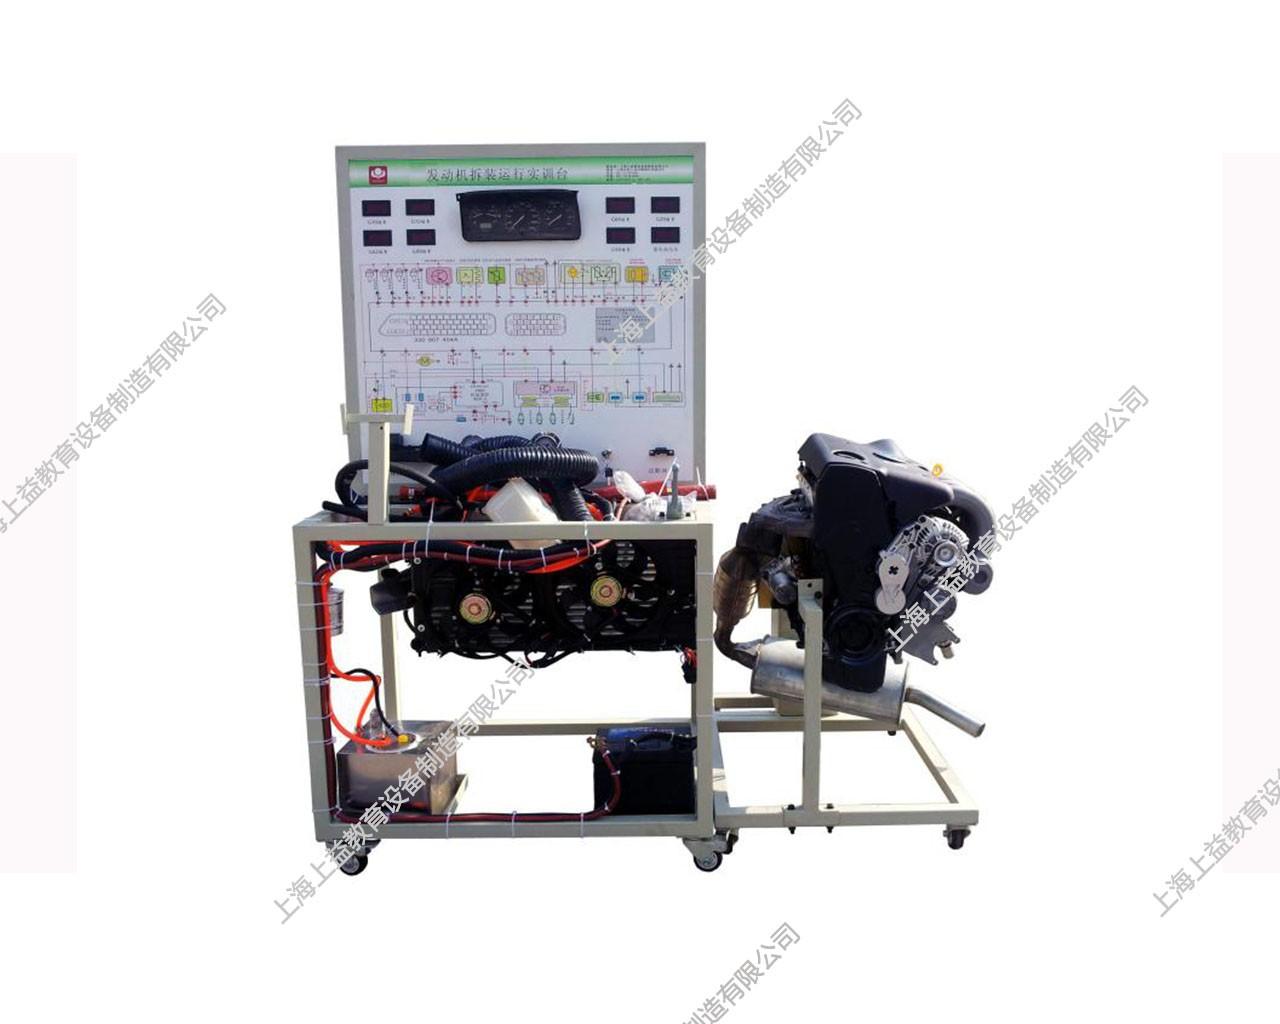 电控汽油发动机拆装运行wwwlehu8vip台(大众STN2000)